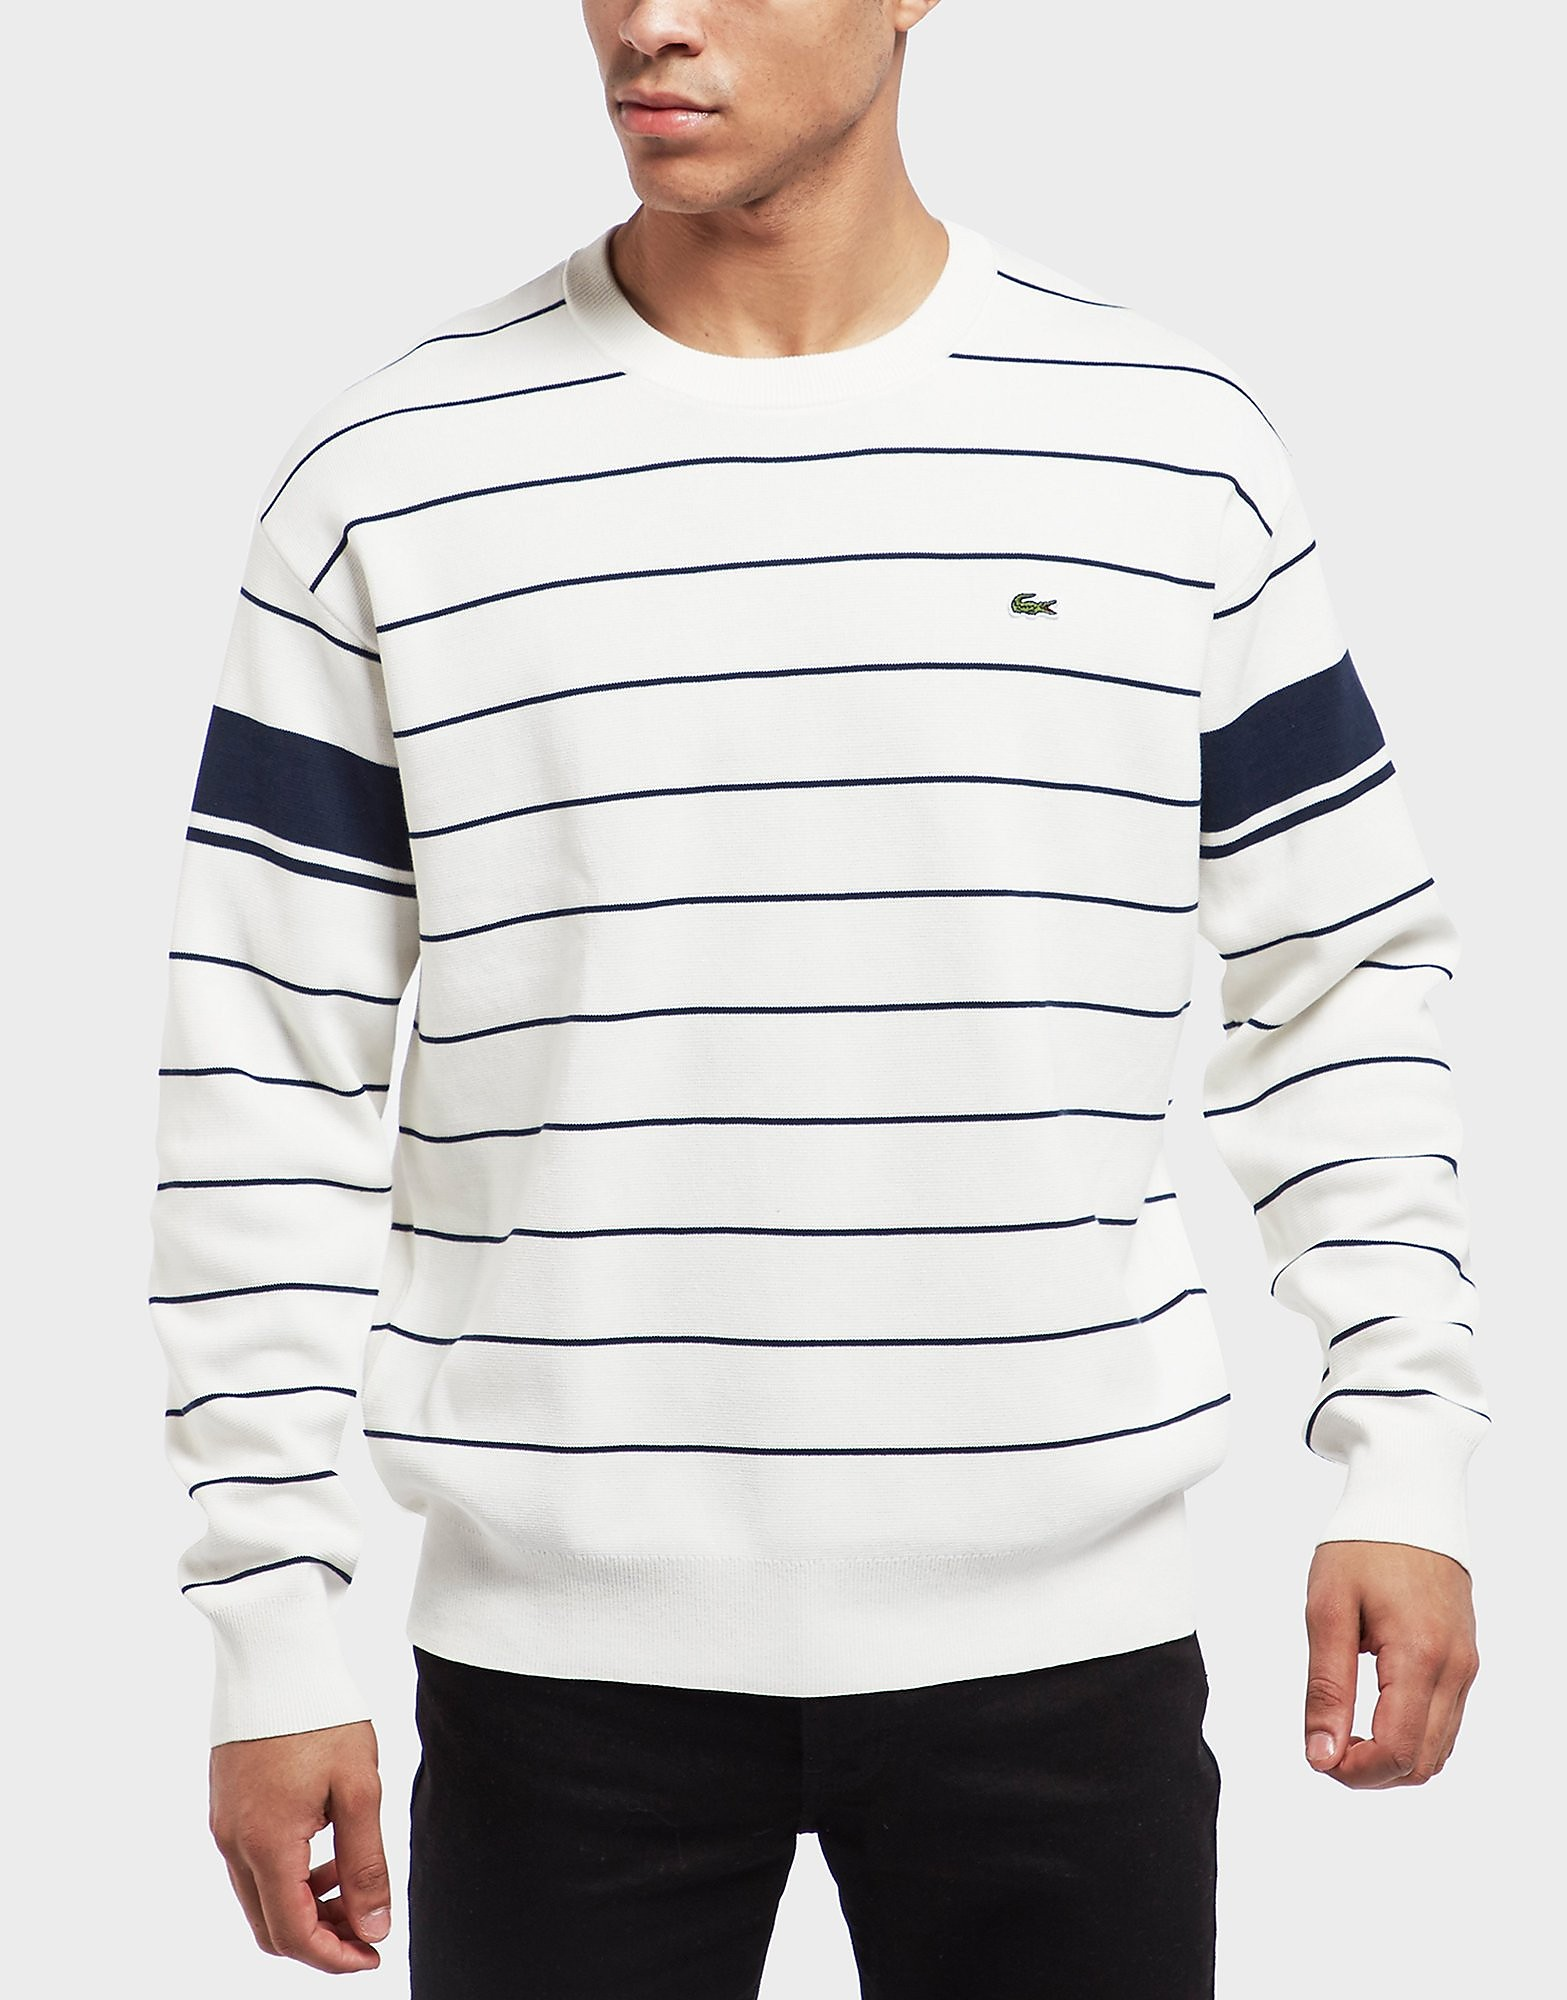 Lacoste Stripe Knitted Sweatshirt